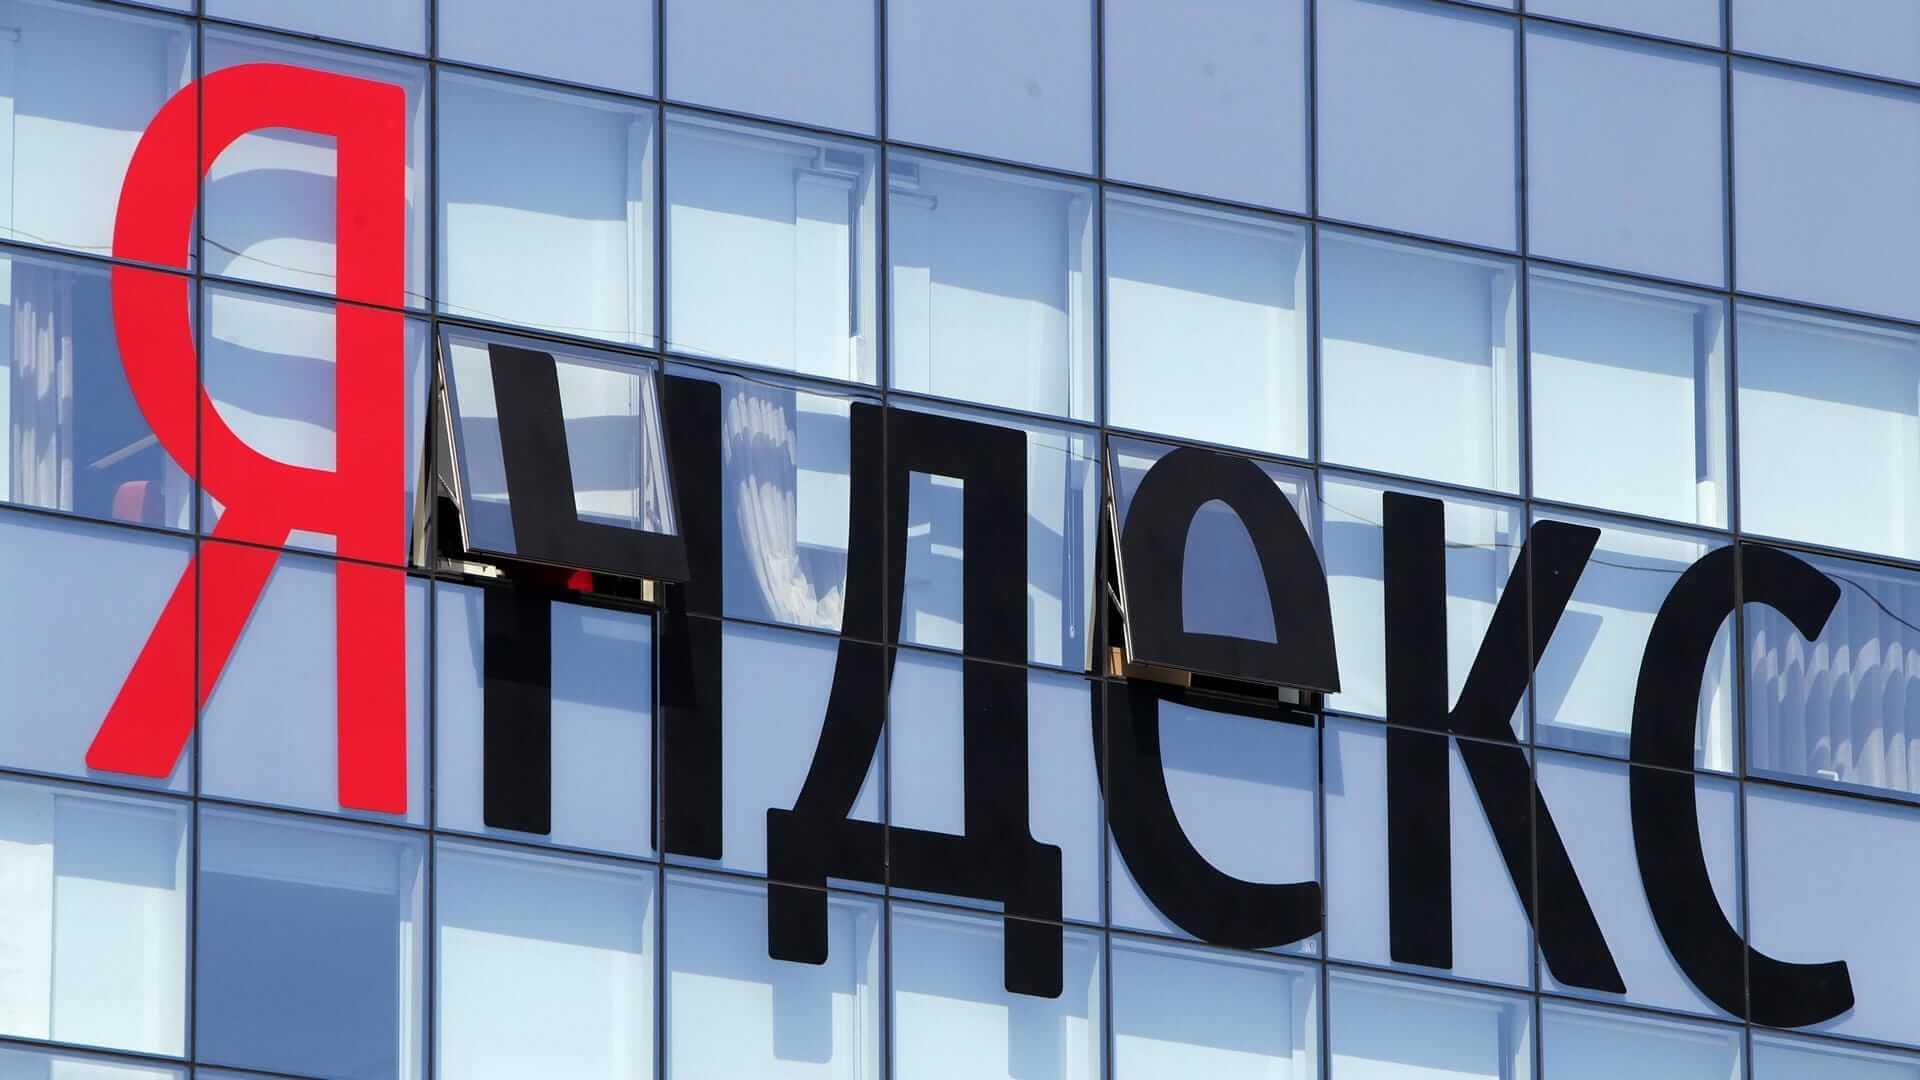 «Яндекс.Диск» начал предоставлять безлимитное хранилище для фото и видео